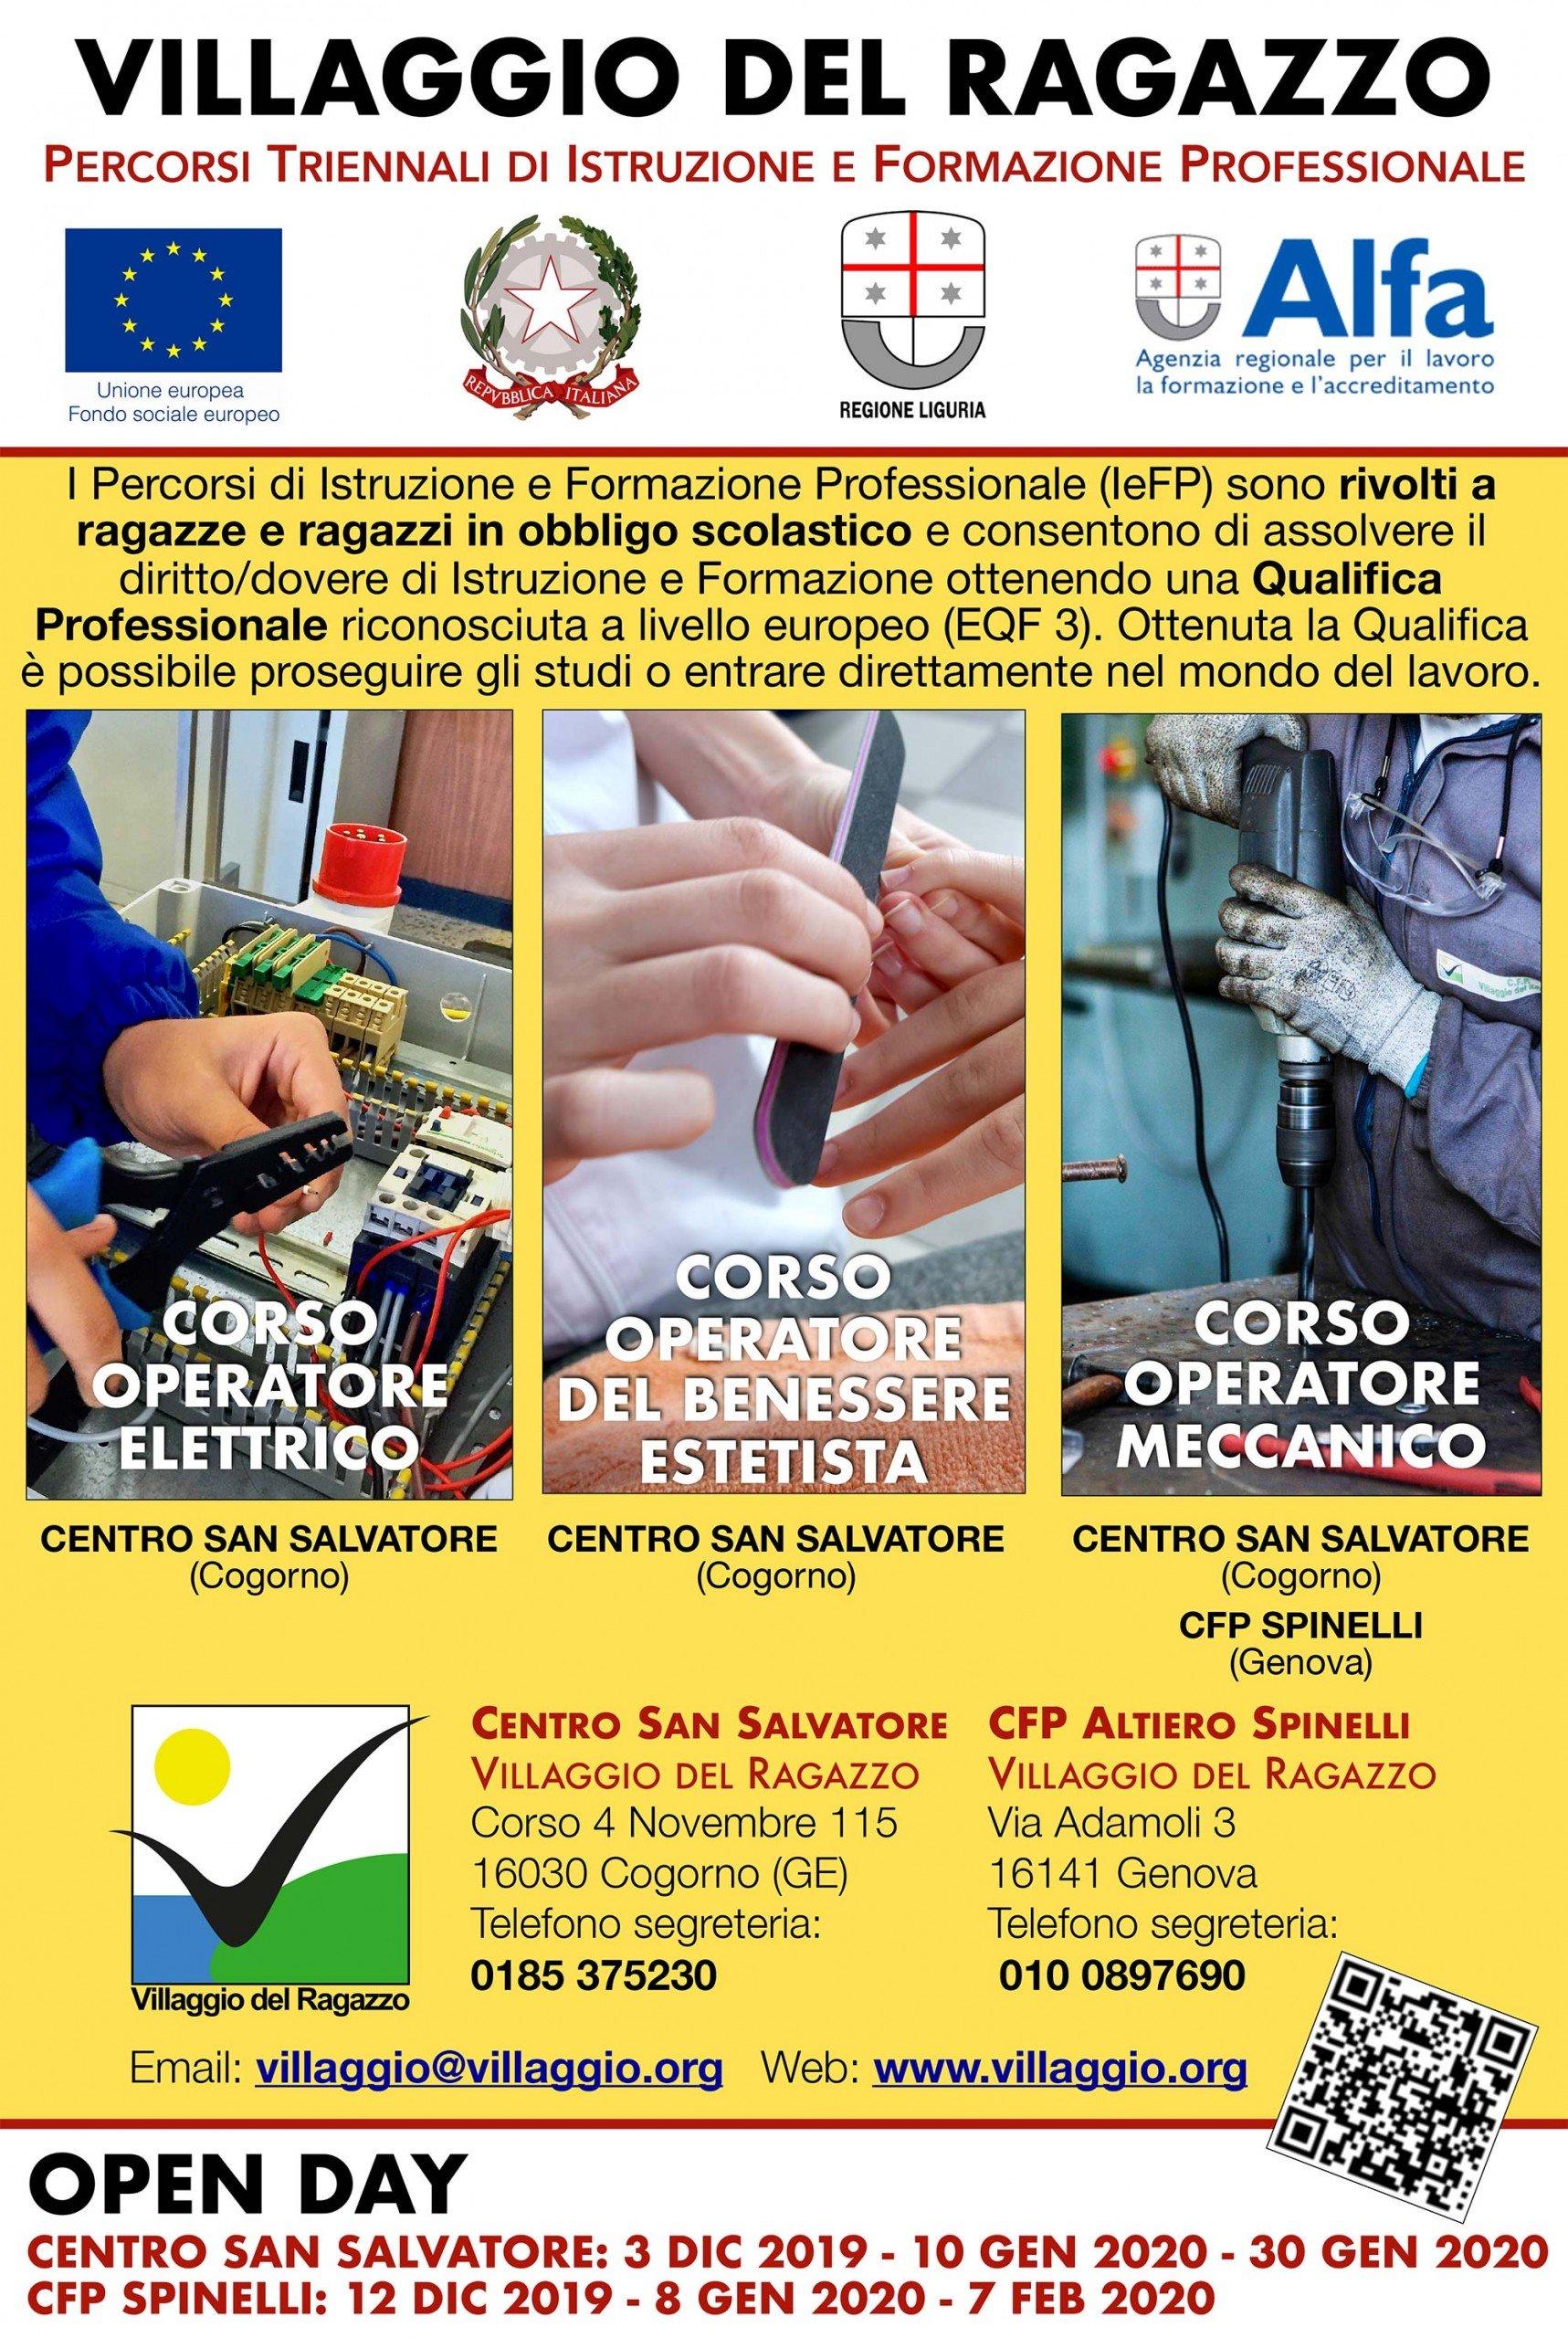 Venerdì 10 gennaio 2020 Open Day Formazione Professionale al Centro San Salvatore – Villaggio del Ragazz